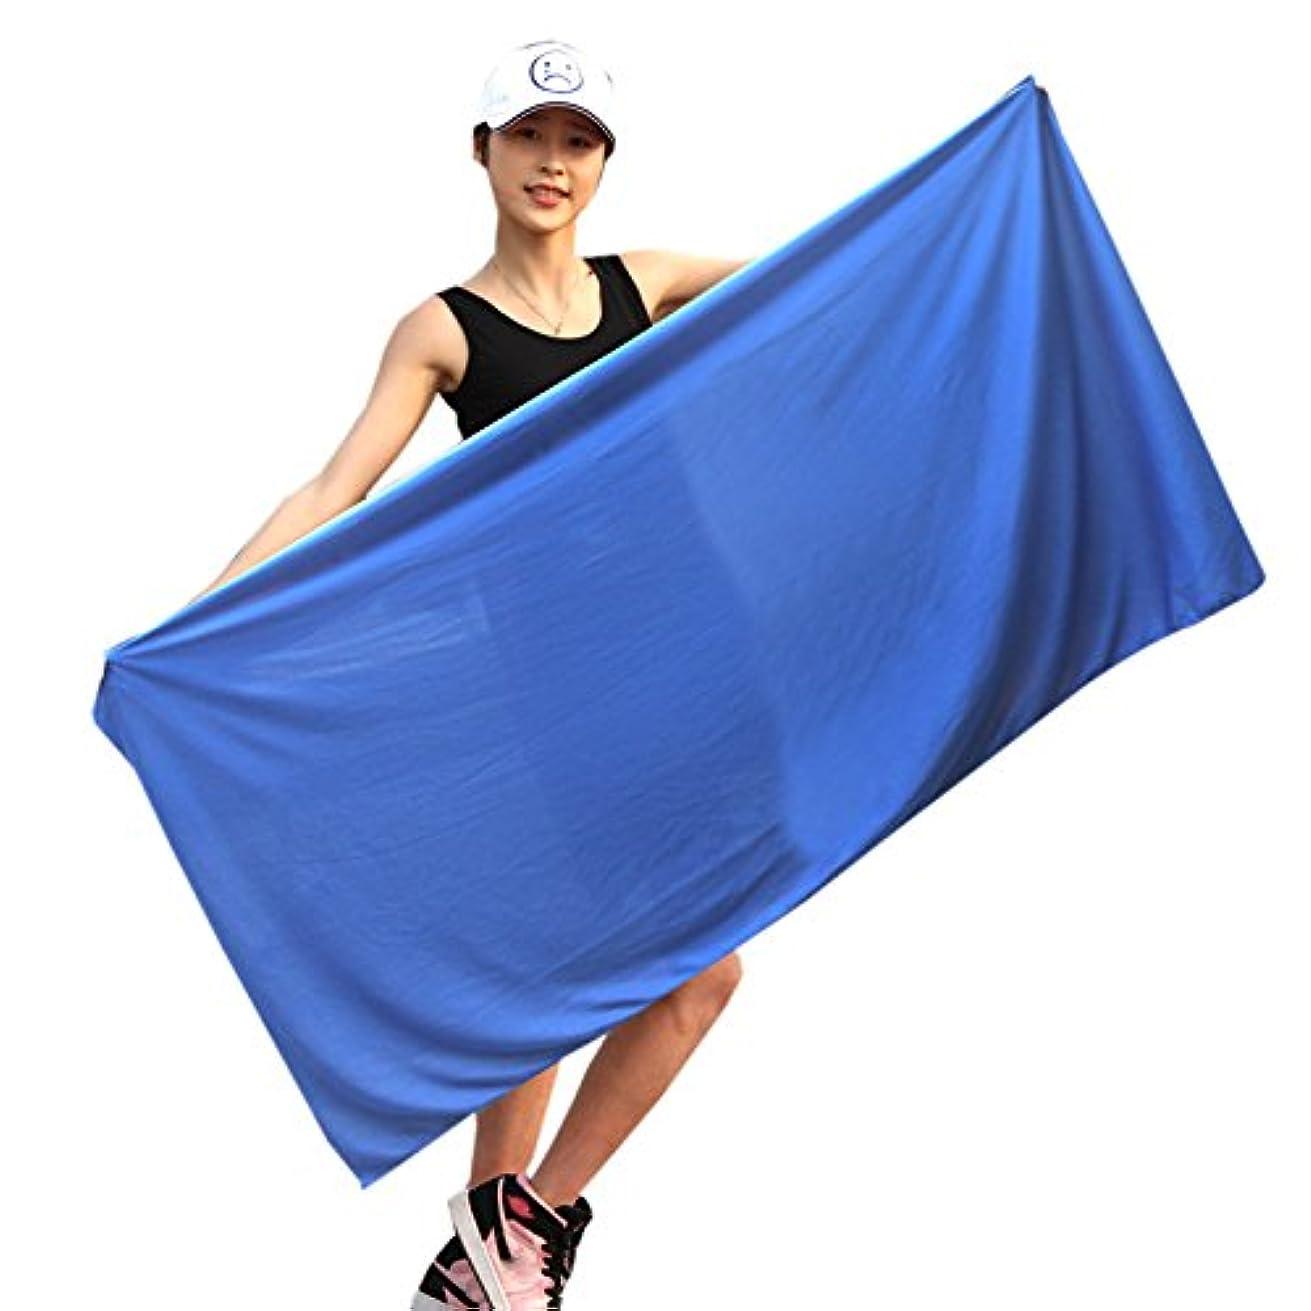 ZumZup 冷却タオル 80 * 150㎝ 超涼しい バスタオル スポーツ プール 運動 水泳 熱中症対策 UVカット 紫外線対策 速乾タオル スポーツタオル 大判 大きいサイズ ローズ